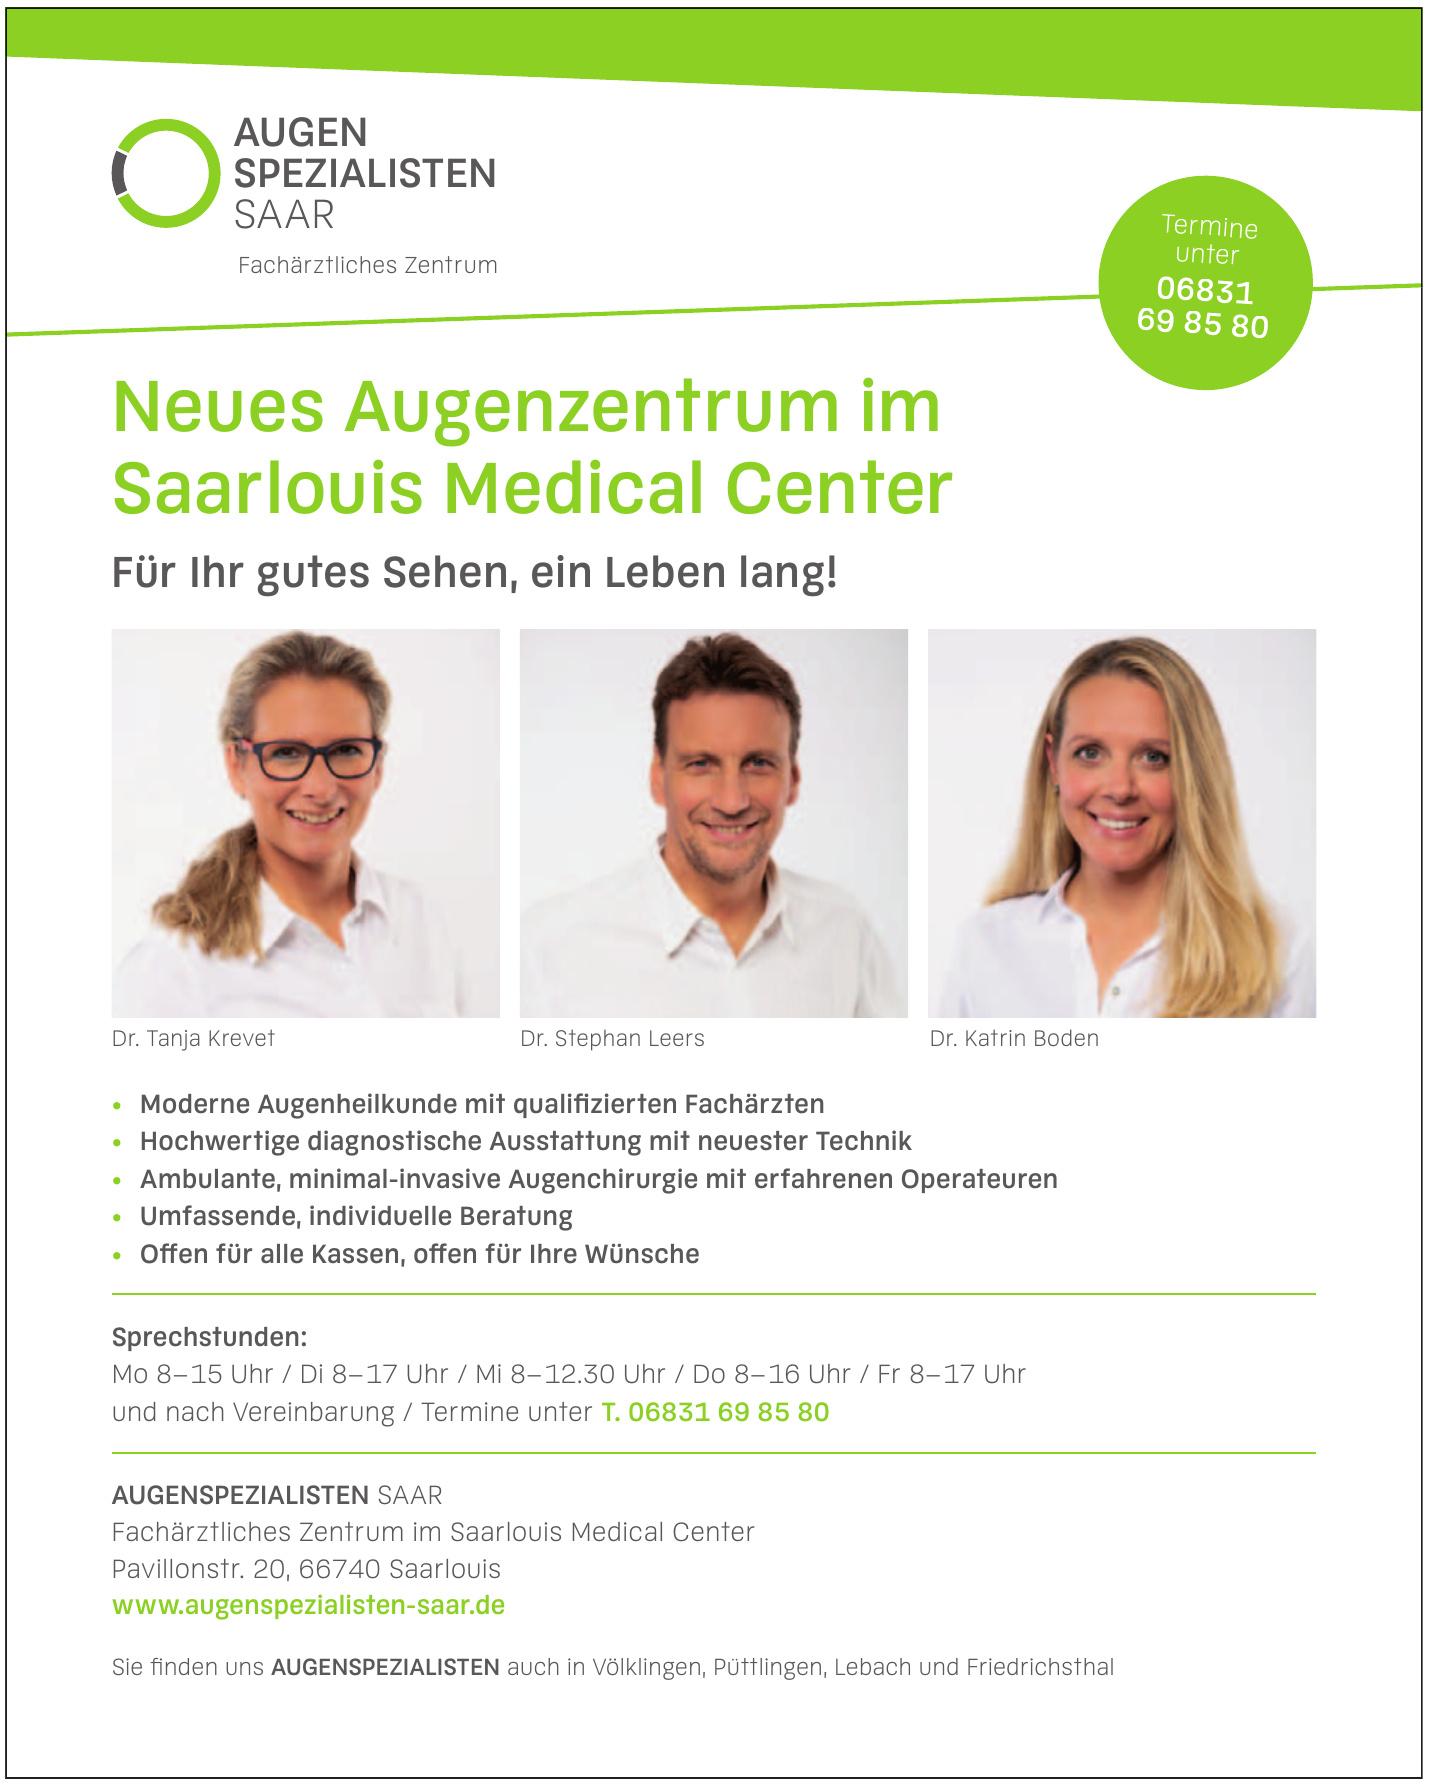 Fachärztliches Zentrum im Saarlouis Medical Center